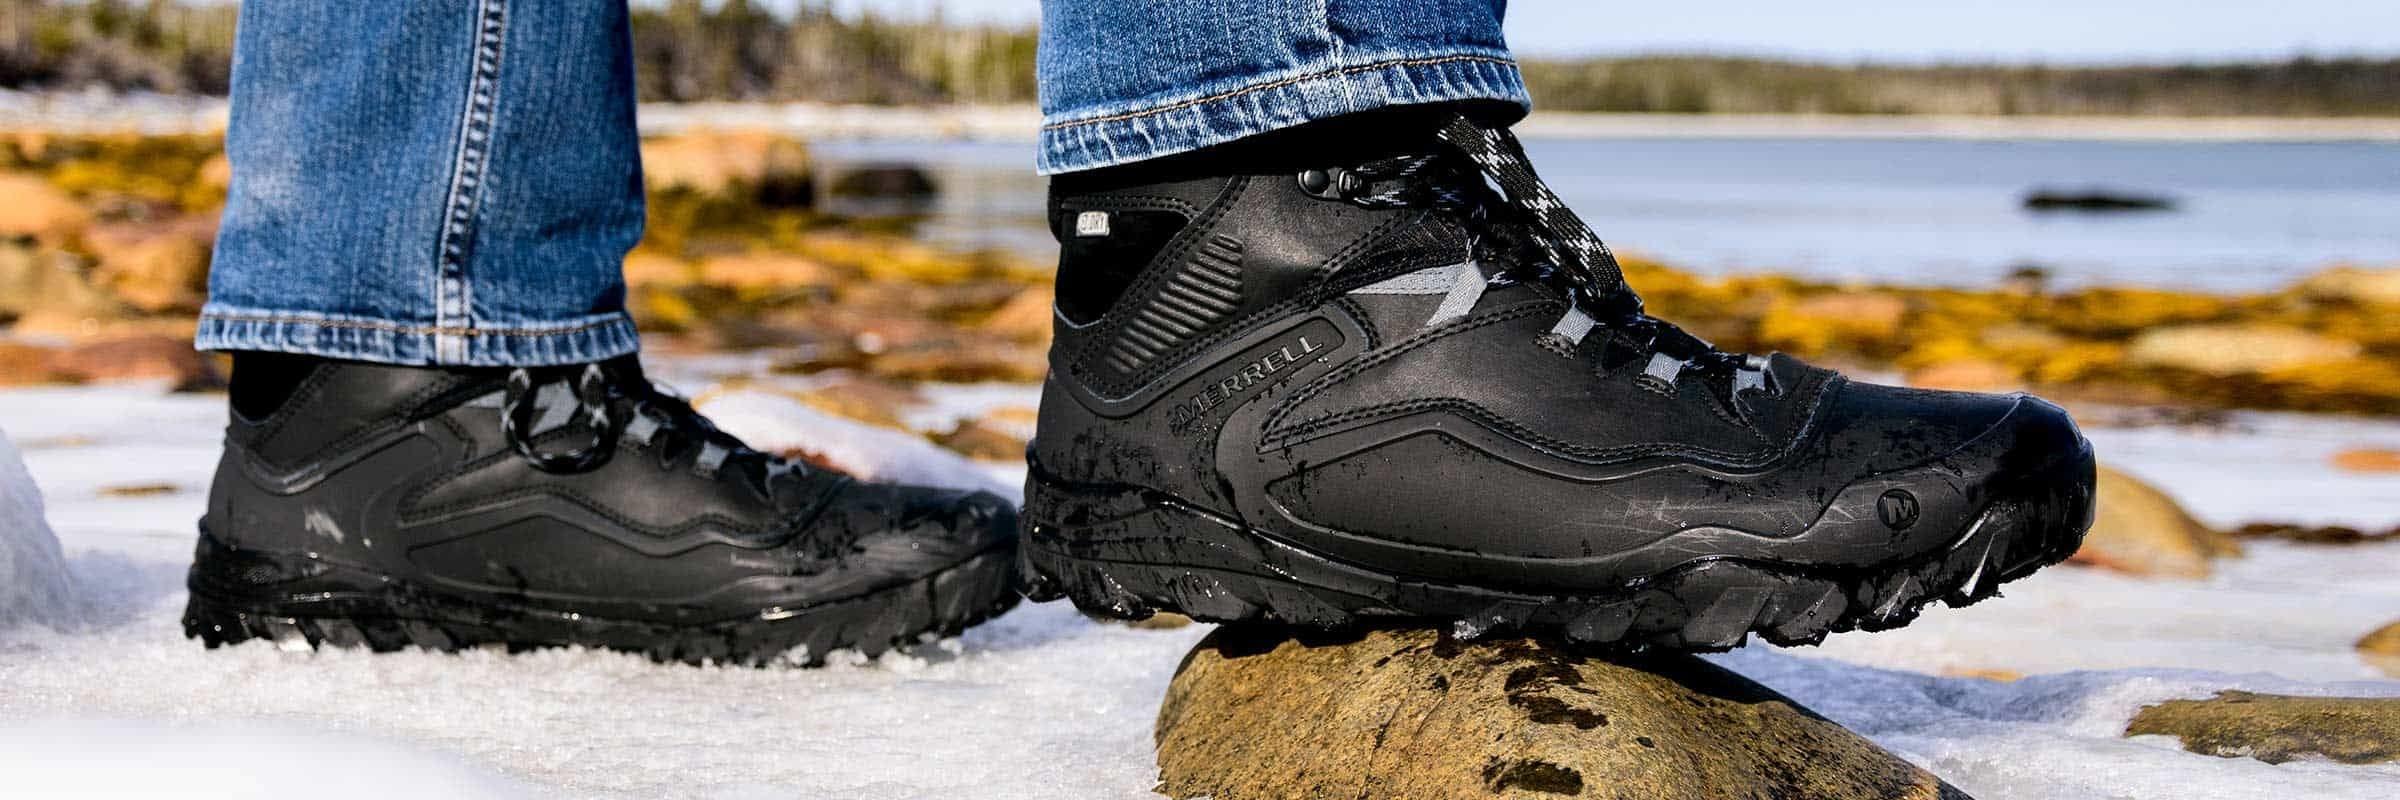 Merrell Overlook 6 Ice+ Boots Reviewed